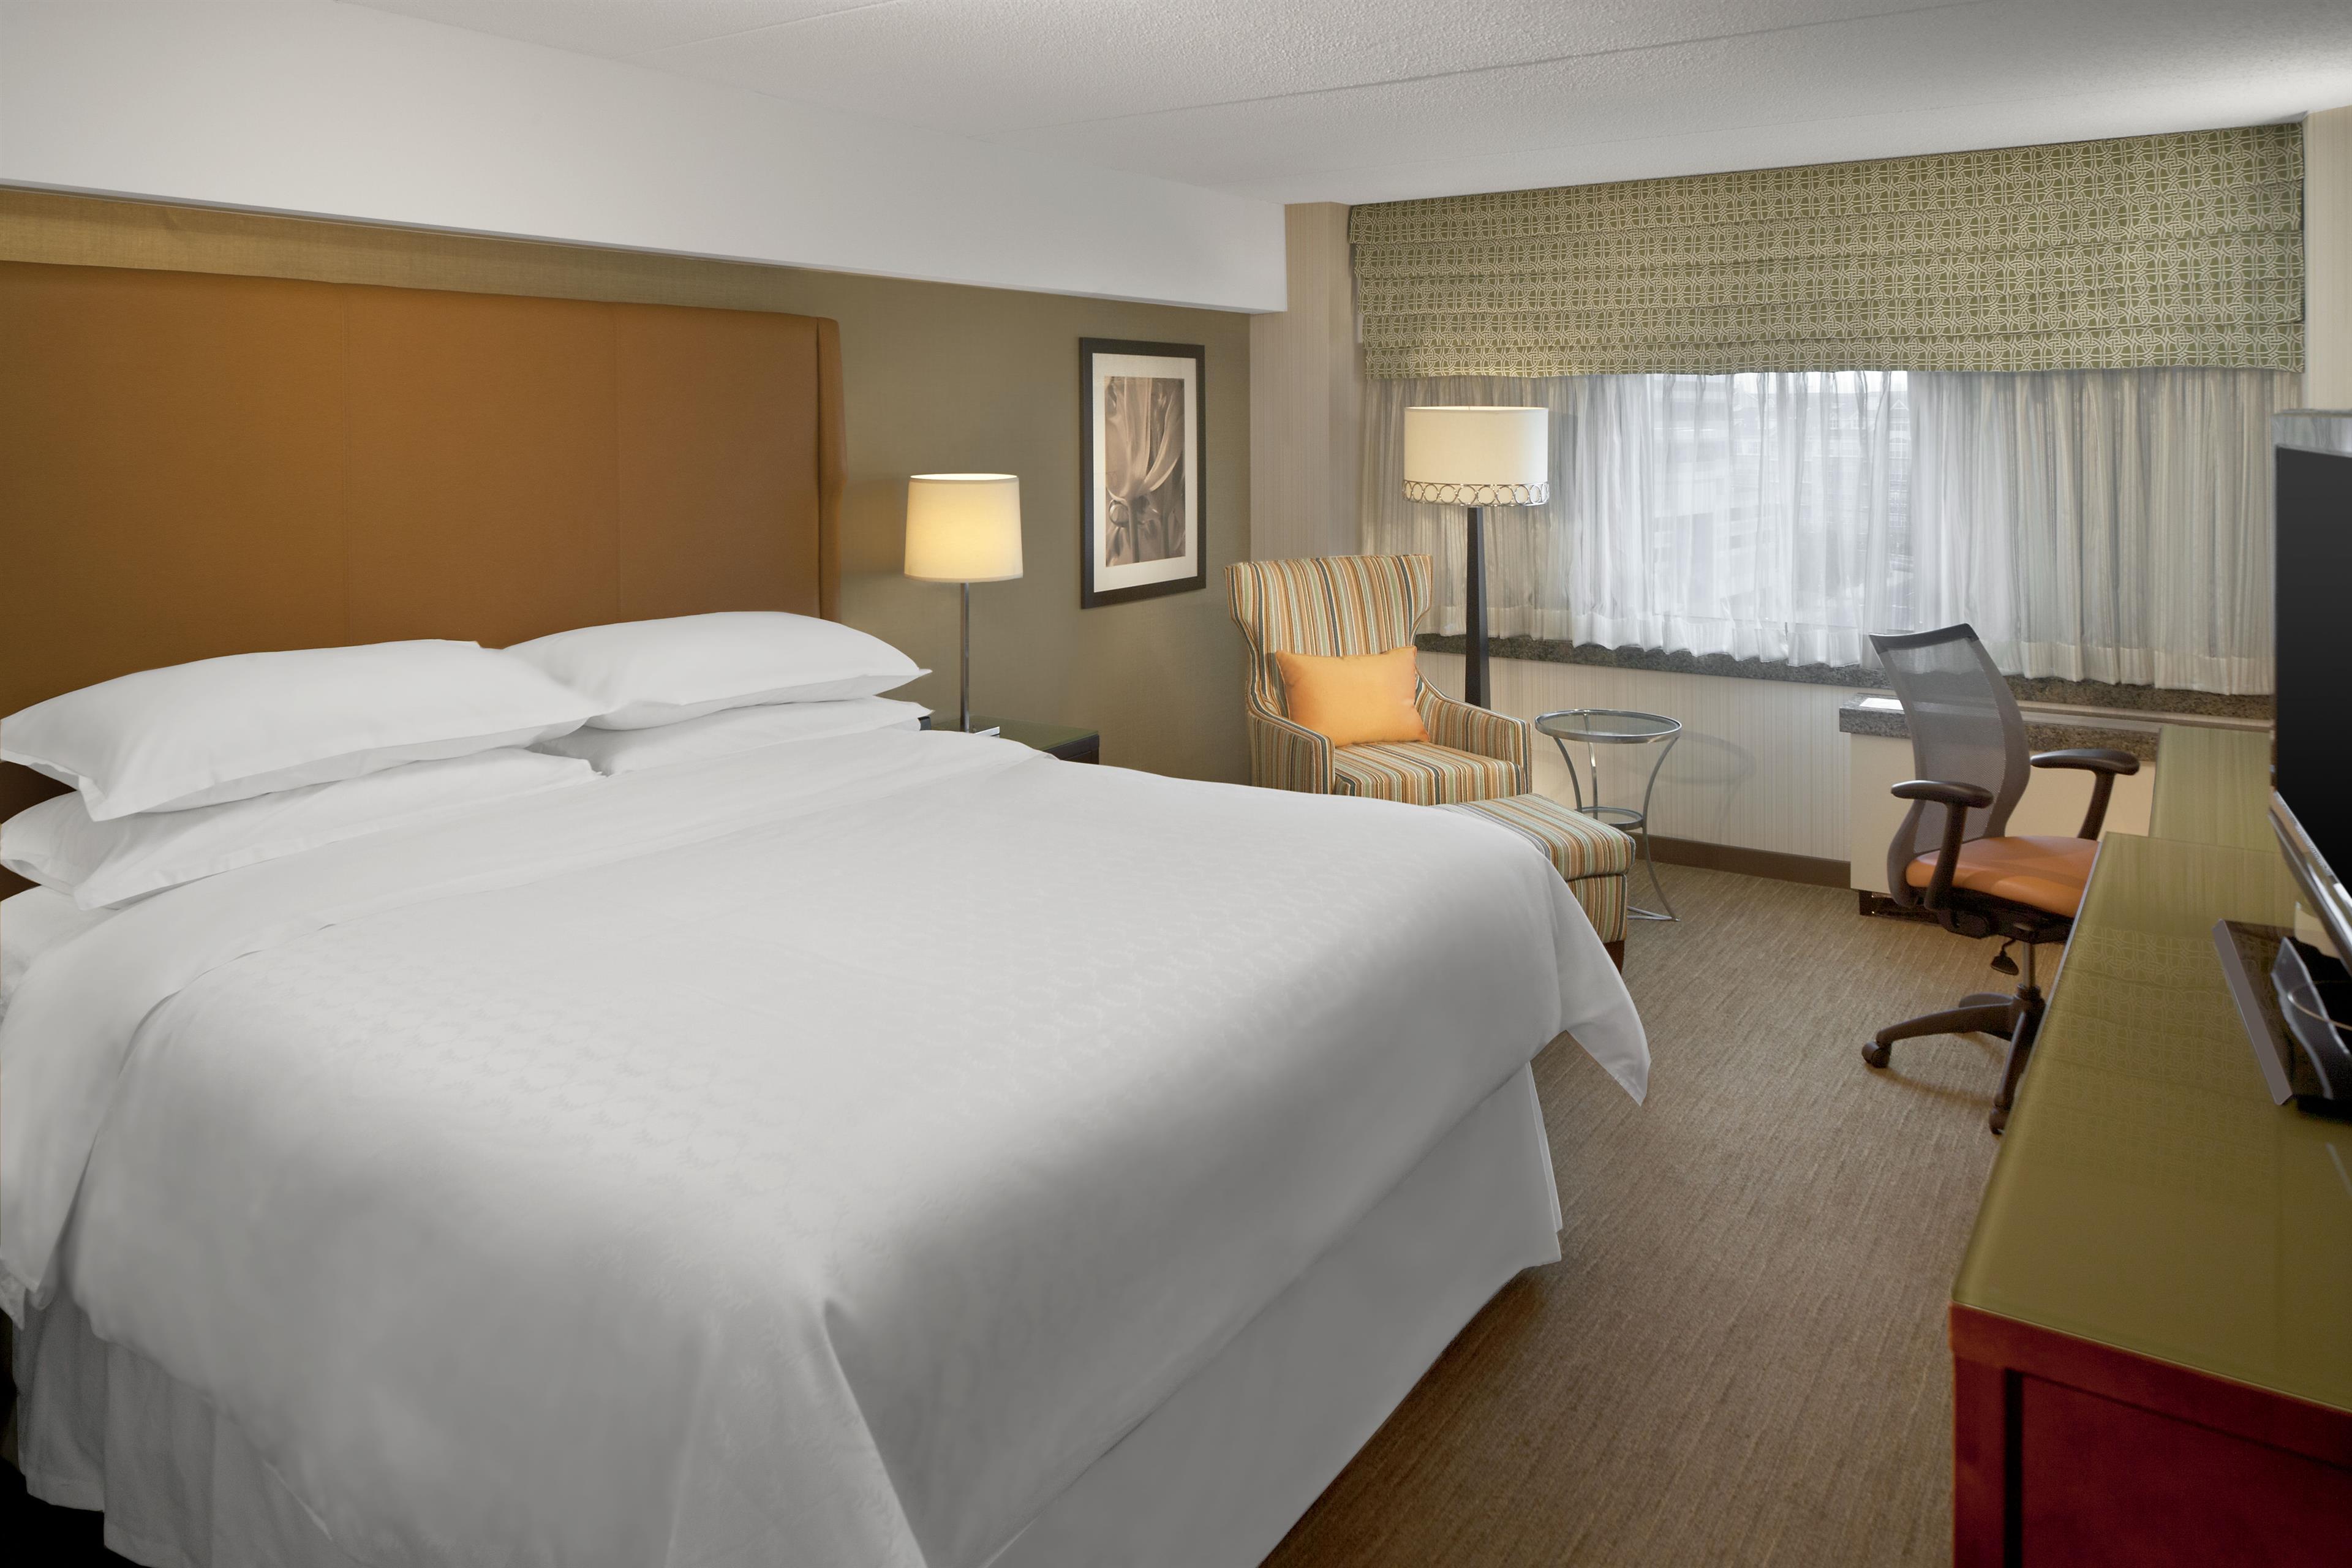 Alamo Car Rental Jobs Sheraton Stamford Hotel in Stamford, CT | Whitepages